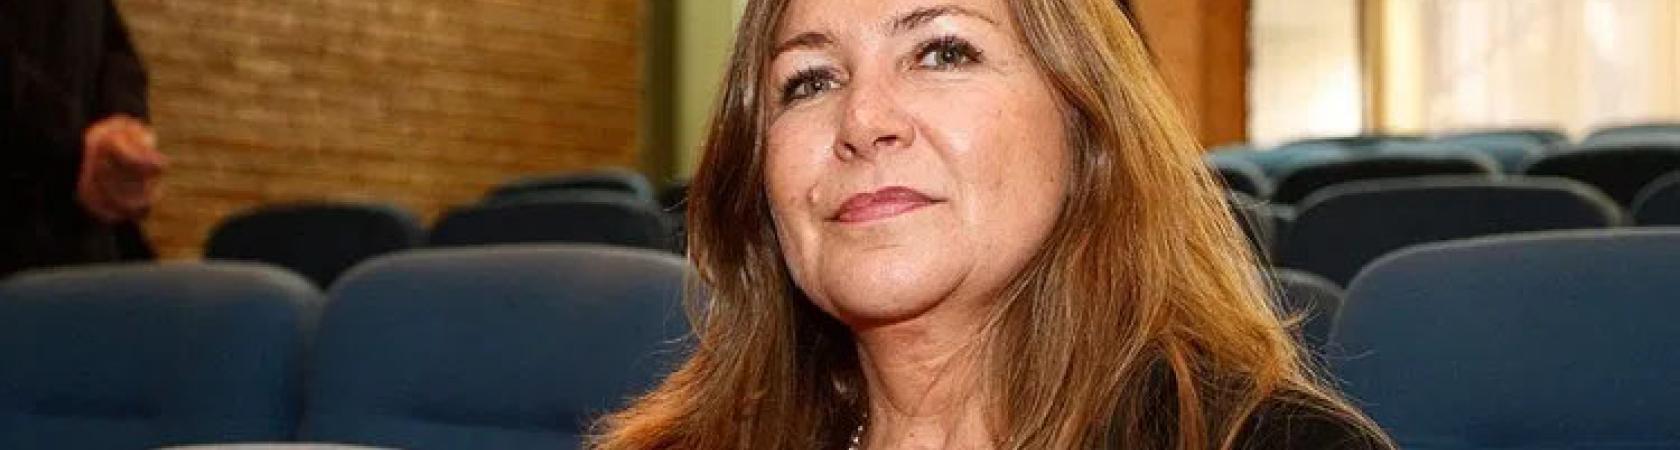 La justicia ordena al gobierno de Corrientes levantar el aislamiento obligatorio a médicos que trabajan en el Chaco